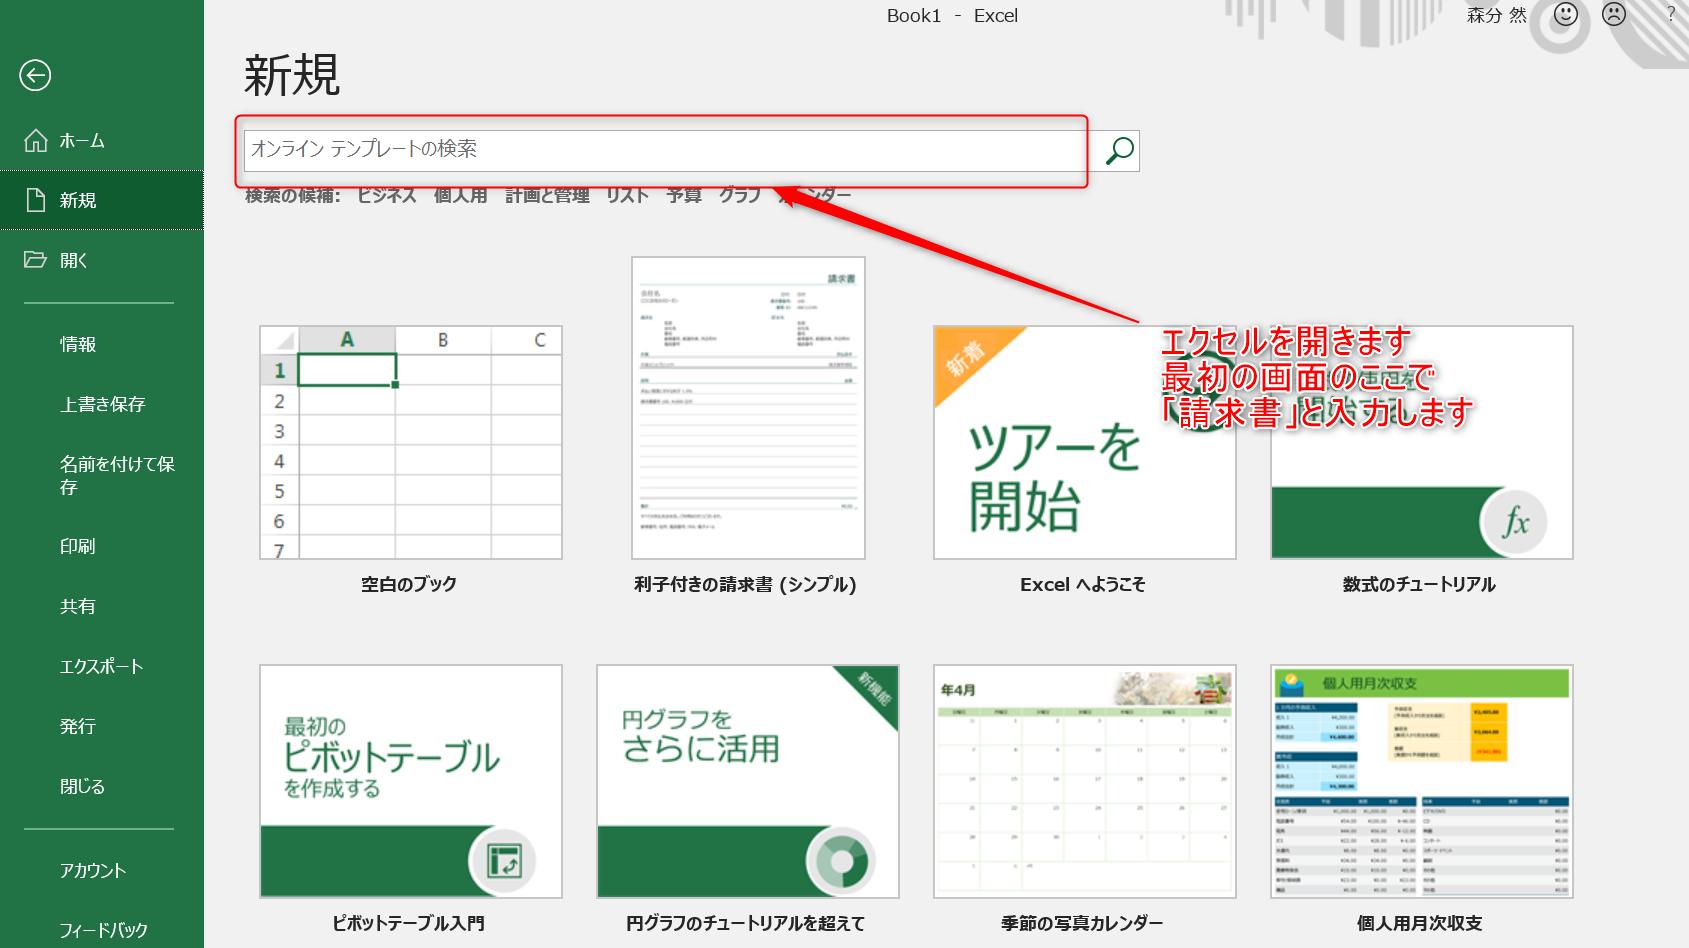 検索ボックスに請求書と入力しているエクセルの画像